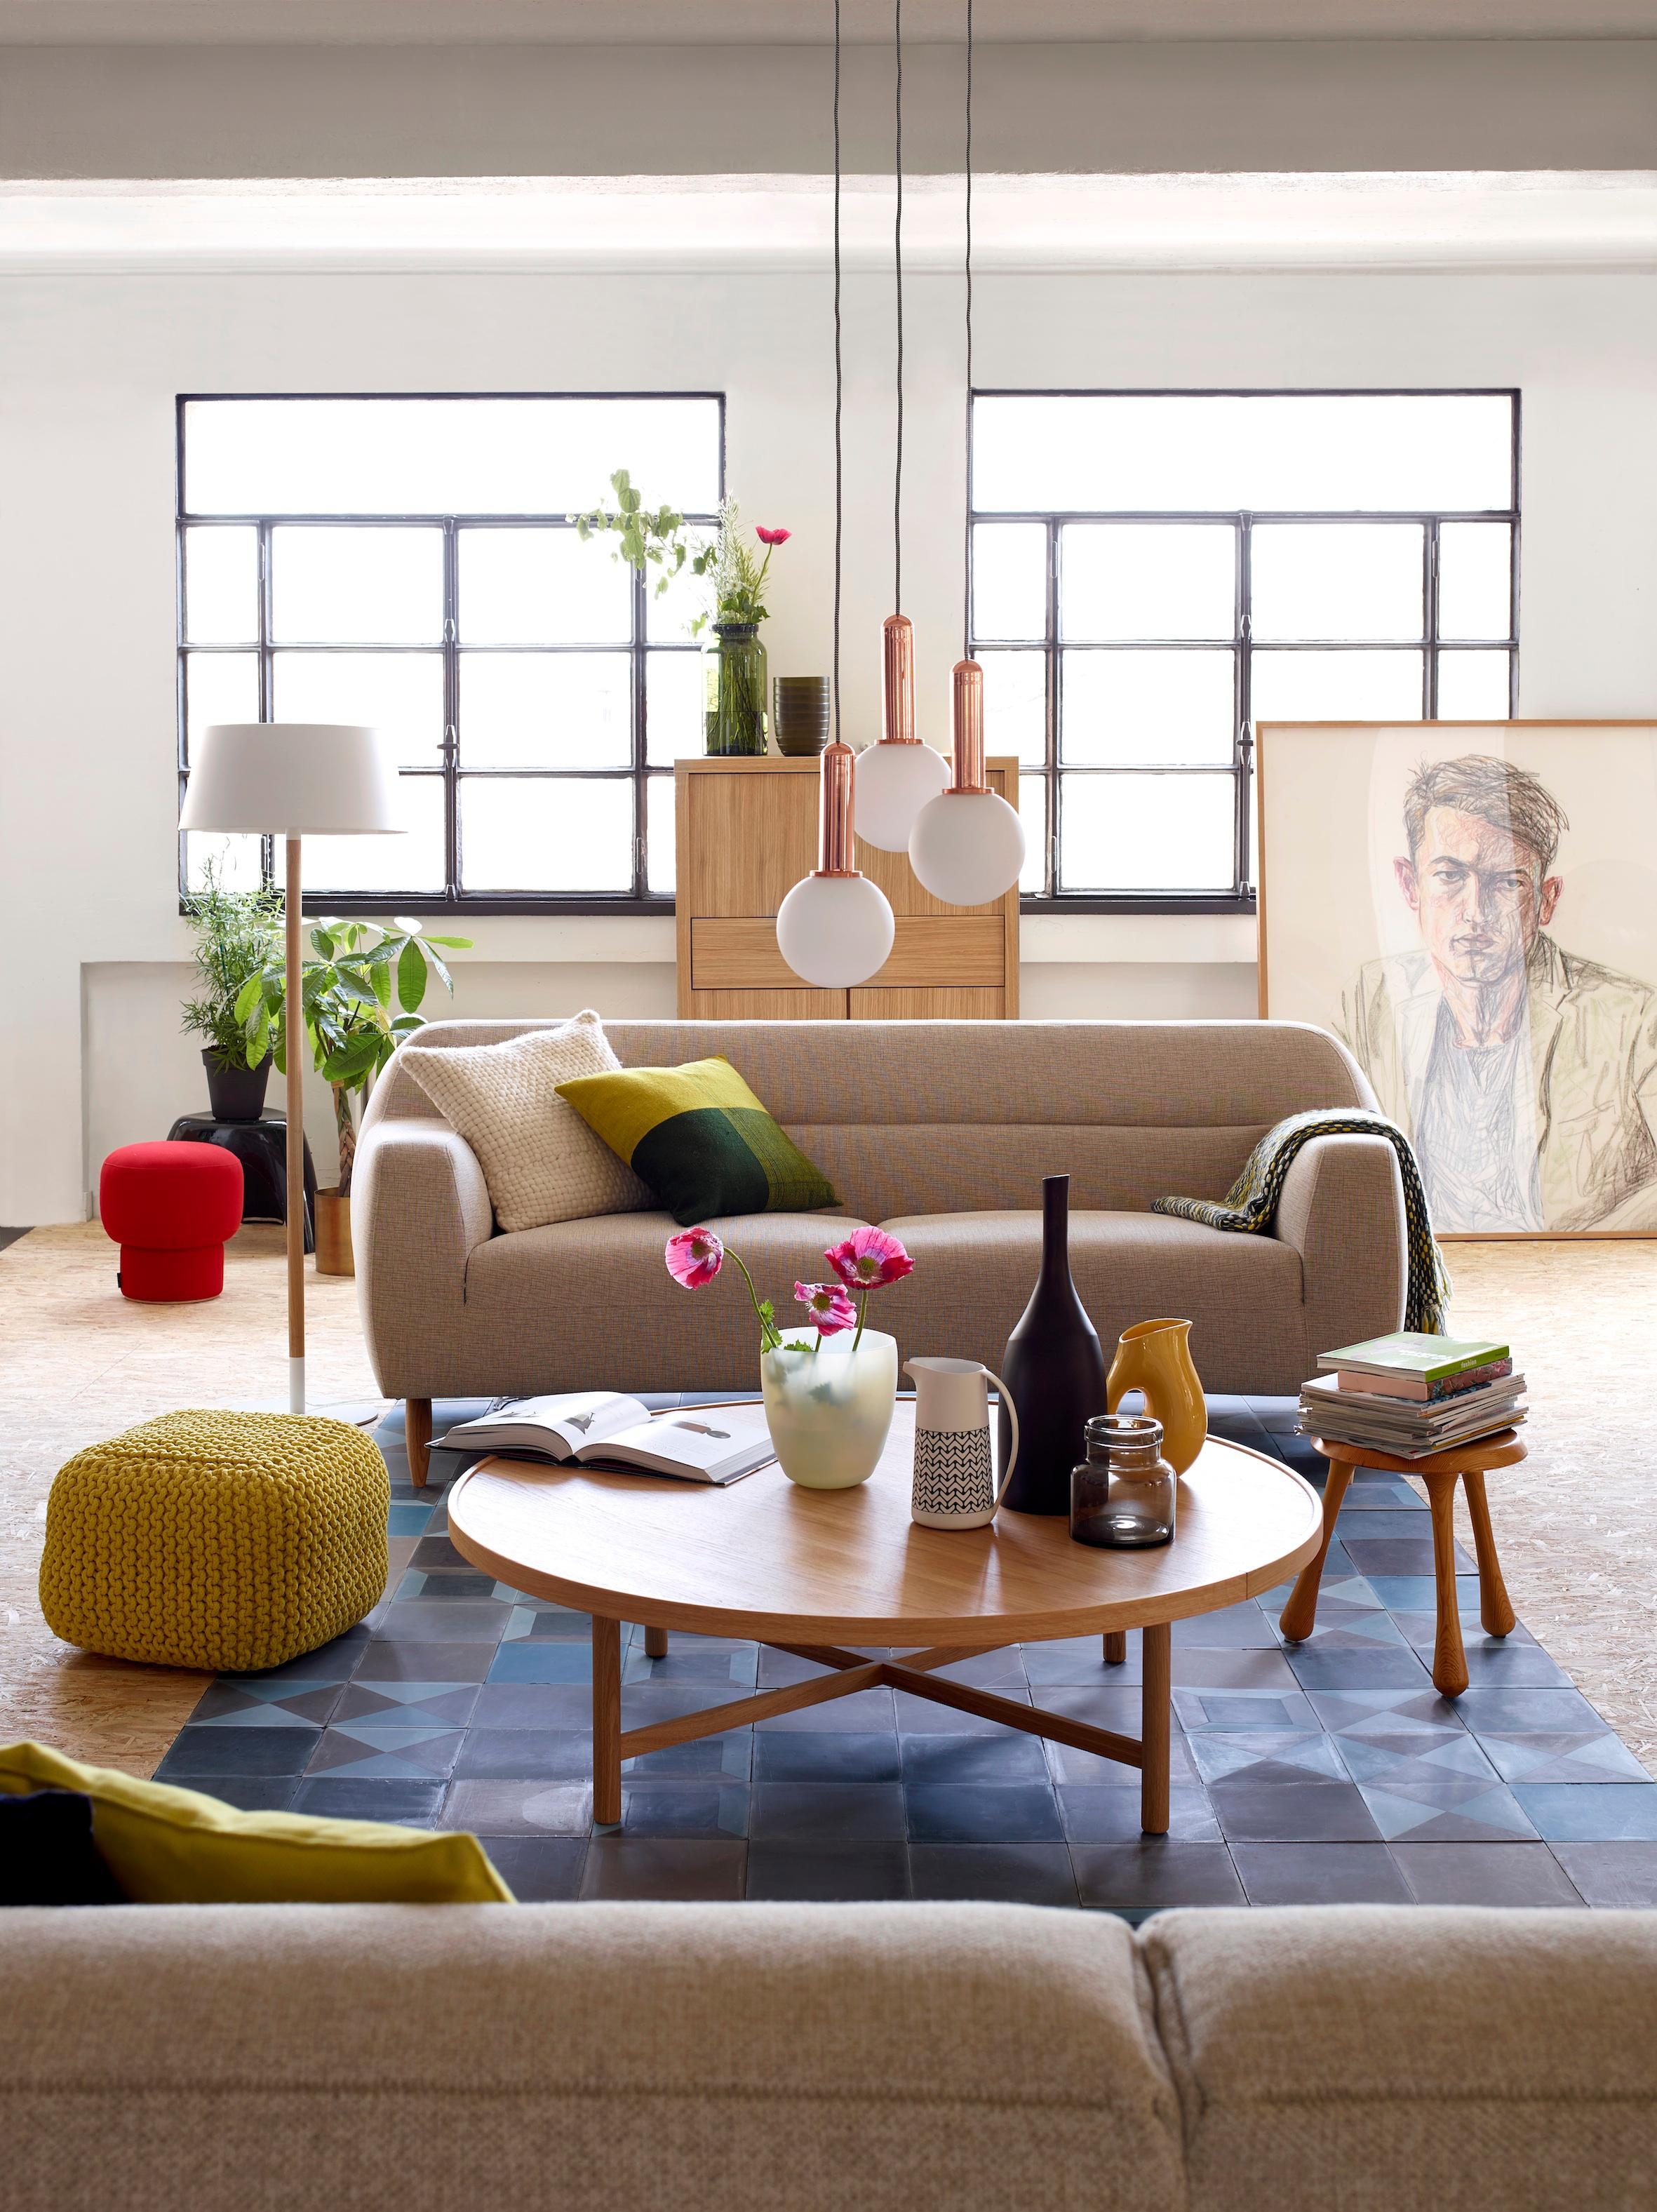 Moderne Sitzgruppe Im Wohnzimmer #wohnzimmer #sofa #rundercouchtisch  #zimmergestaltung ©Habitat